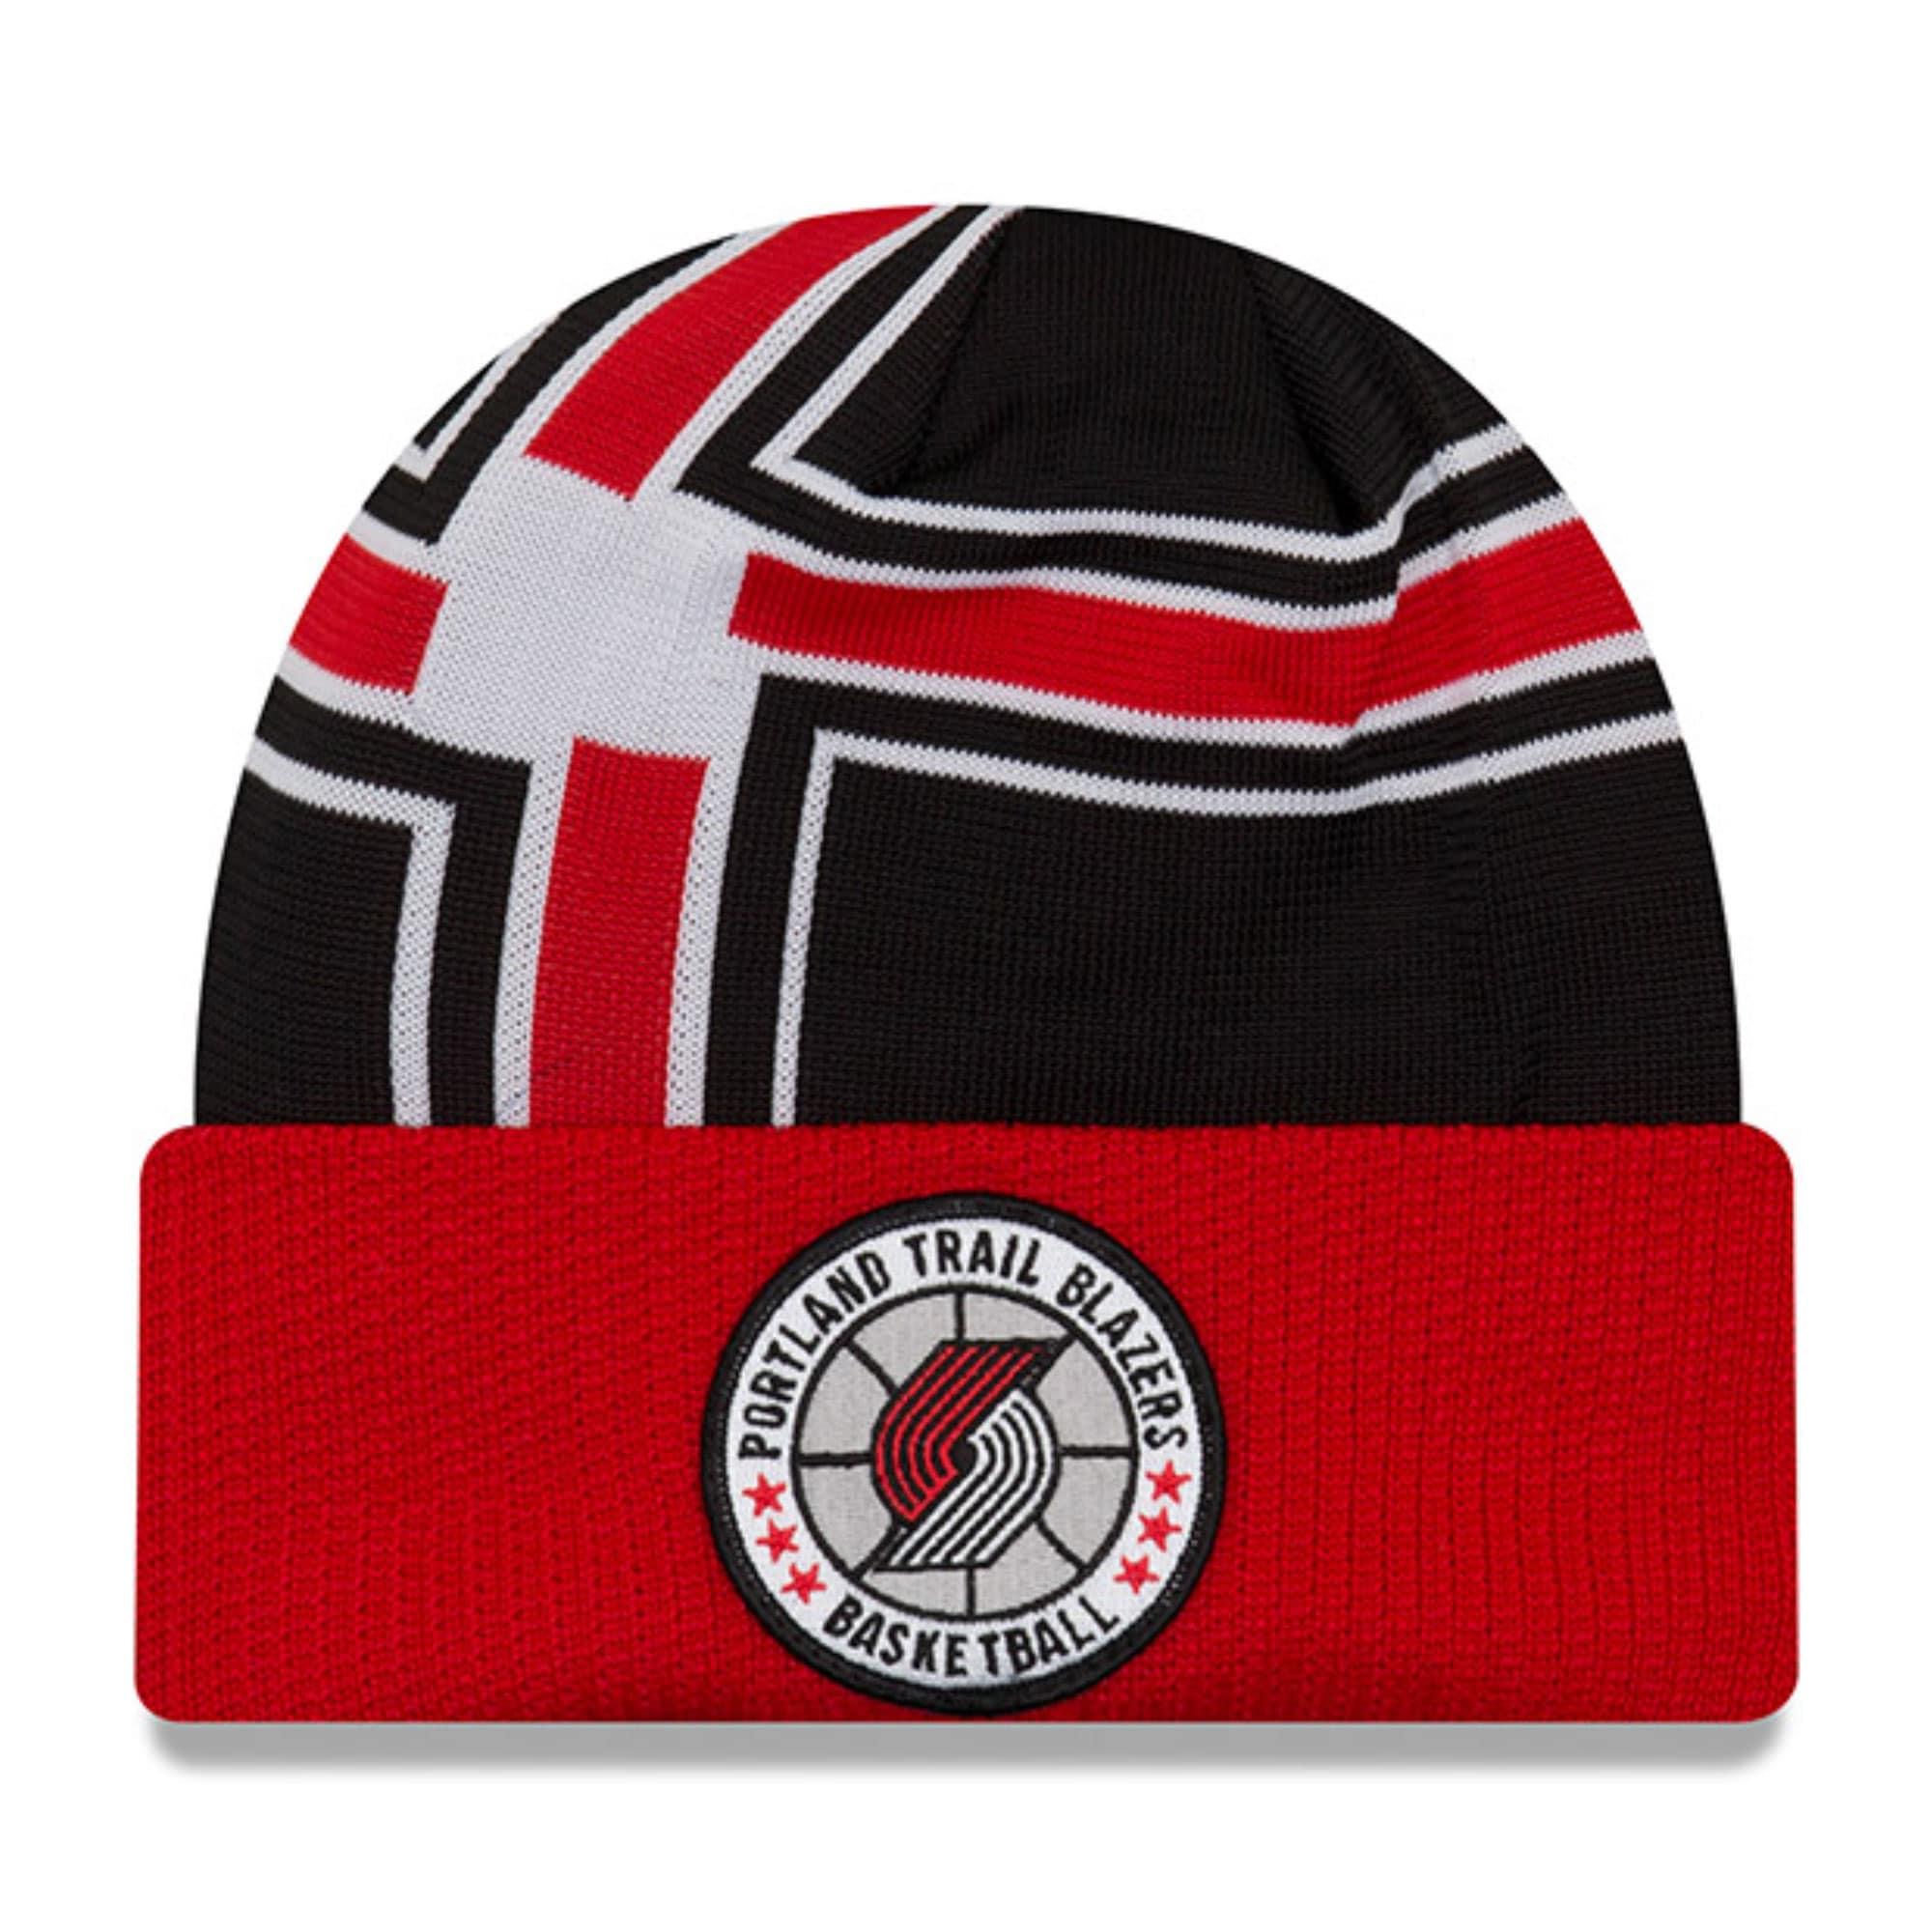 Portland Trail Blazers New Era 2018 Tip Off Series Cuffed Knit Hat - Black